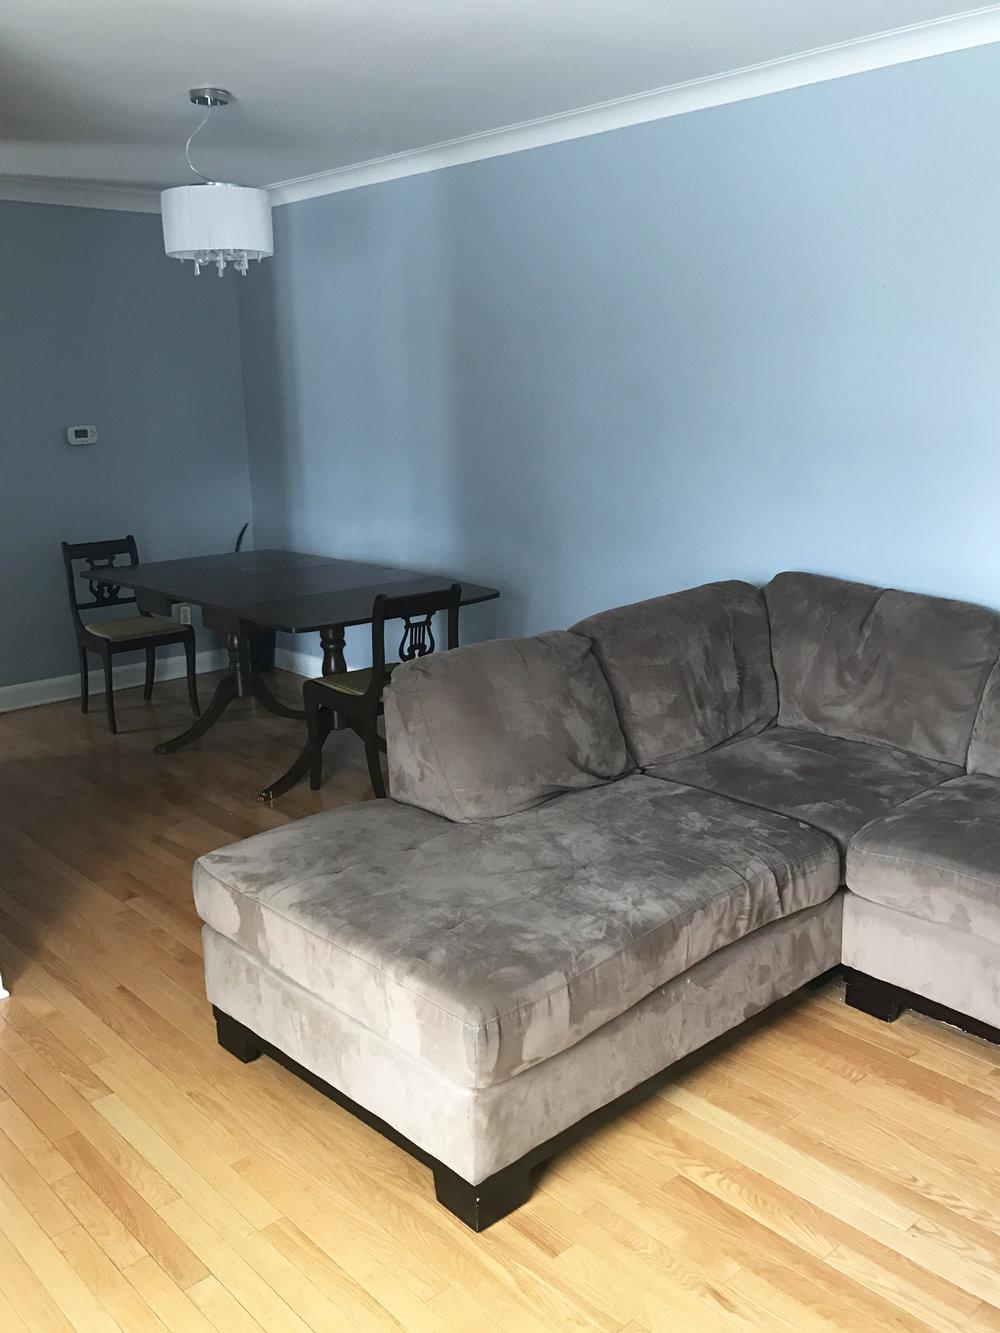 LivingroomUpstairs.jpg